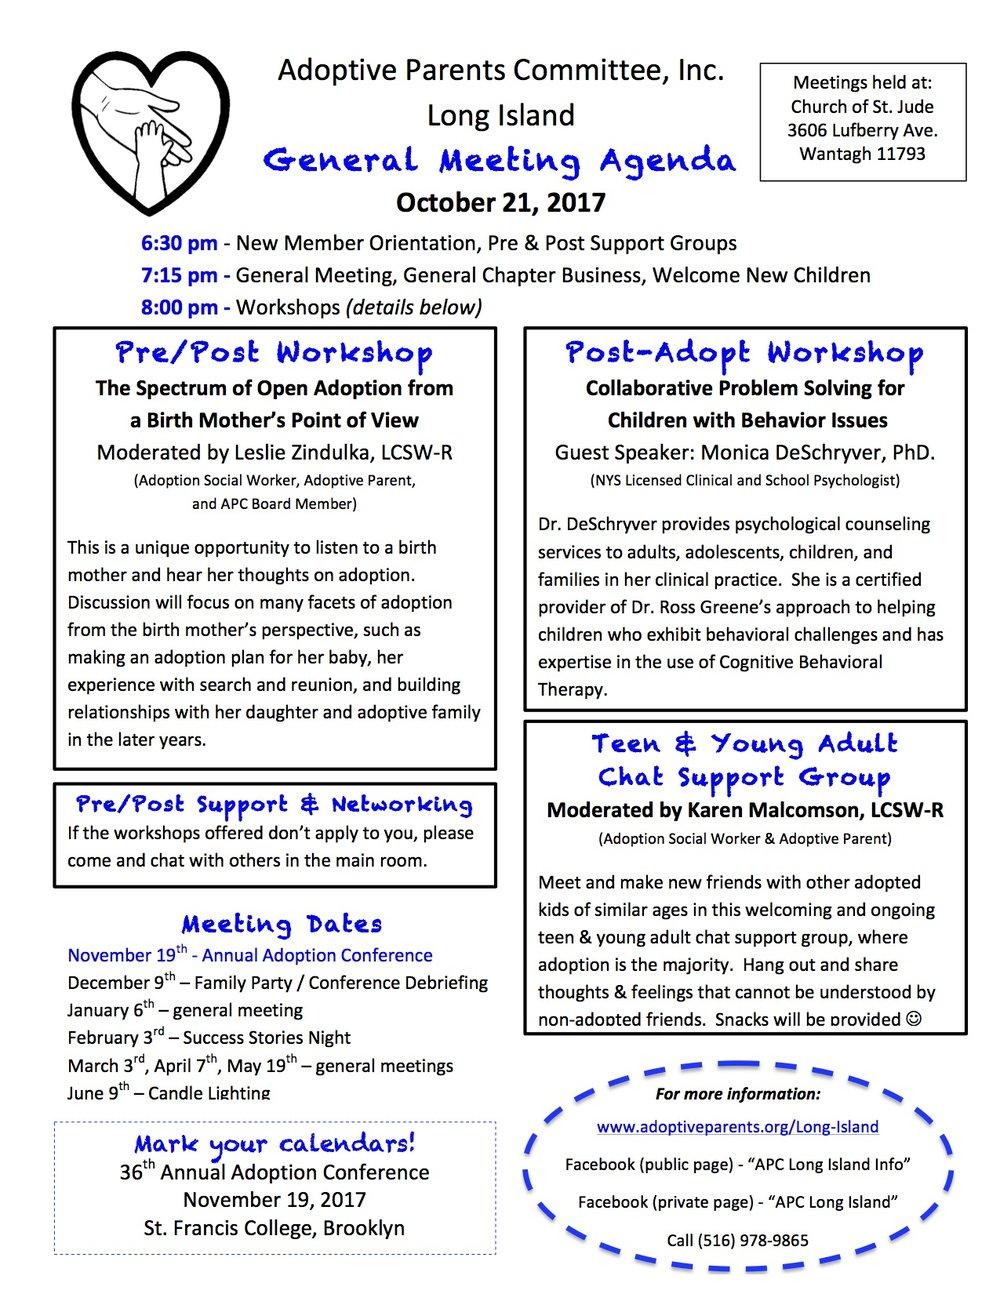 10-2017 agenda.jpg